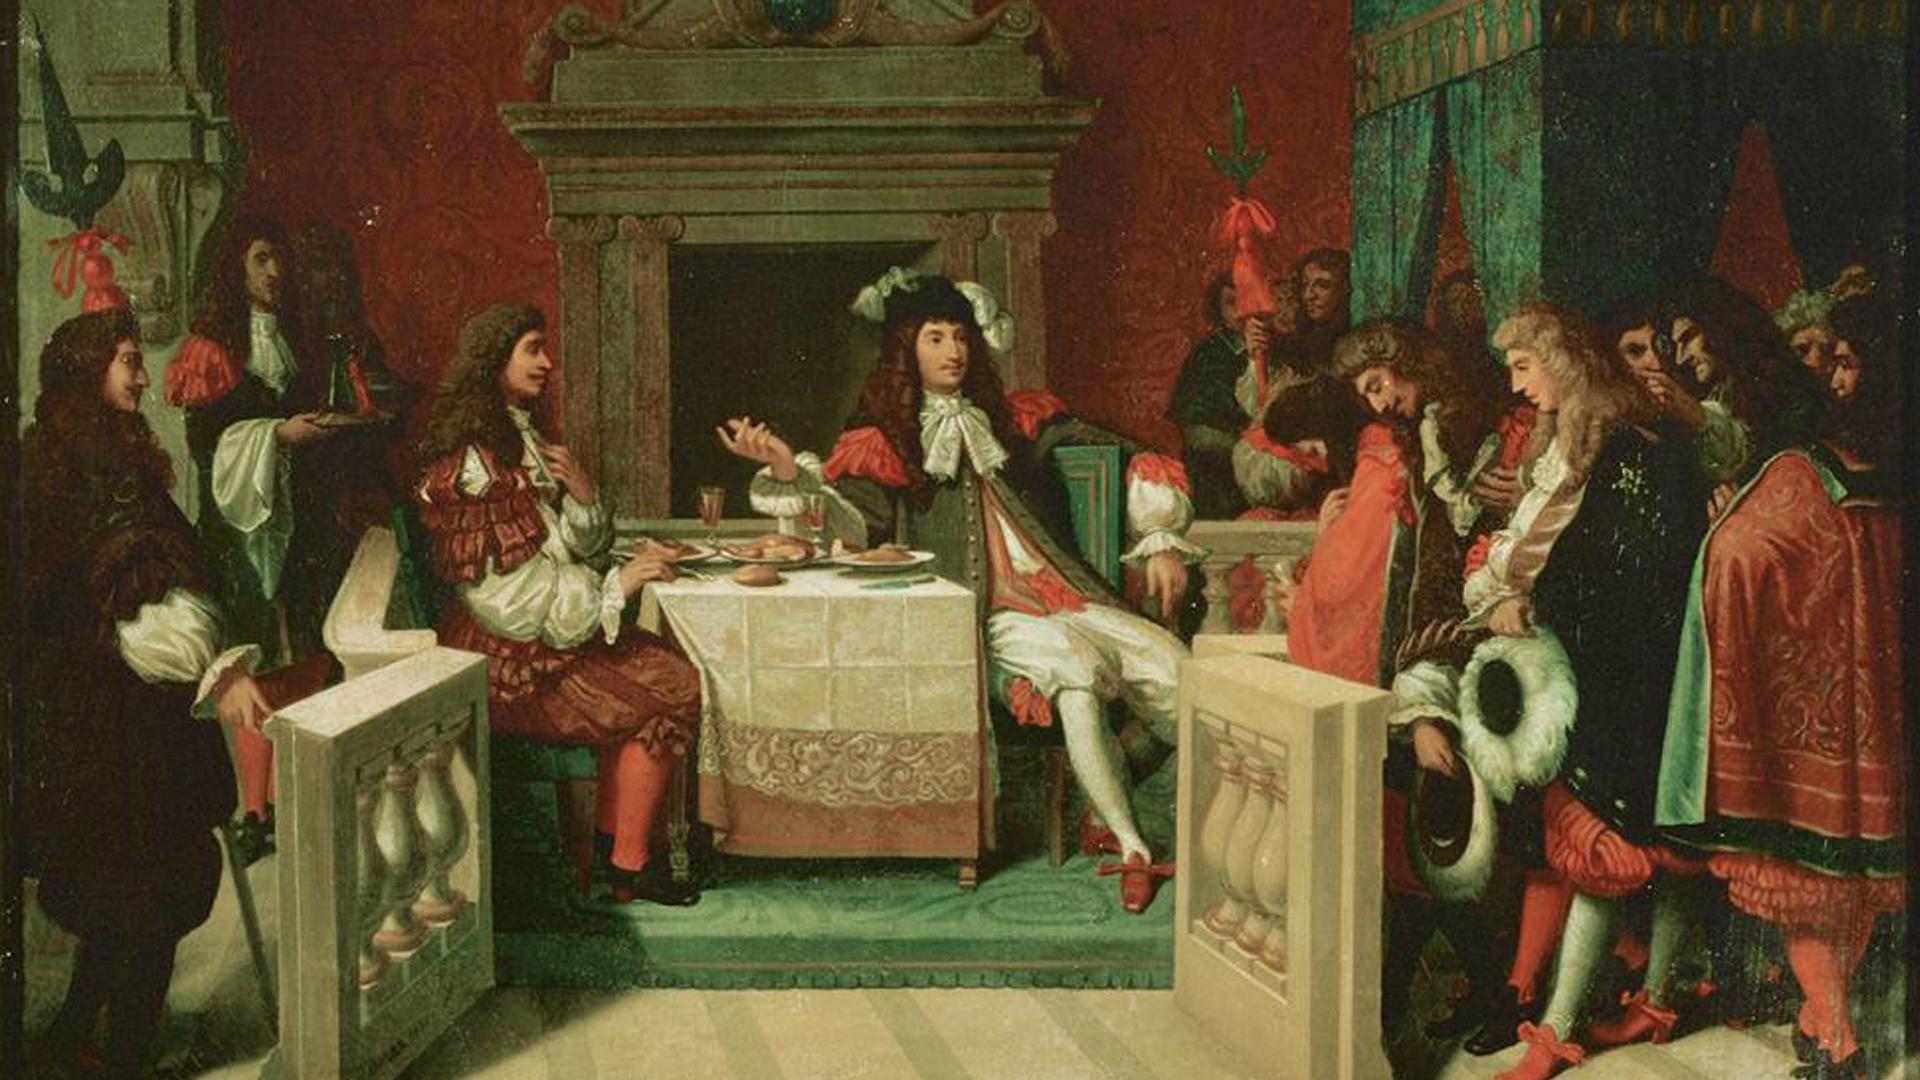 Painting: Louis XIV et Molière déjeunant à Versailles, Jean-Auguste-Dominique Ingres, 1837